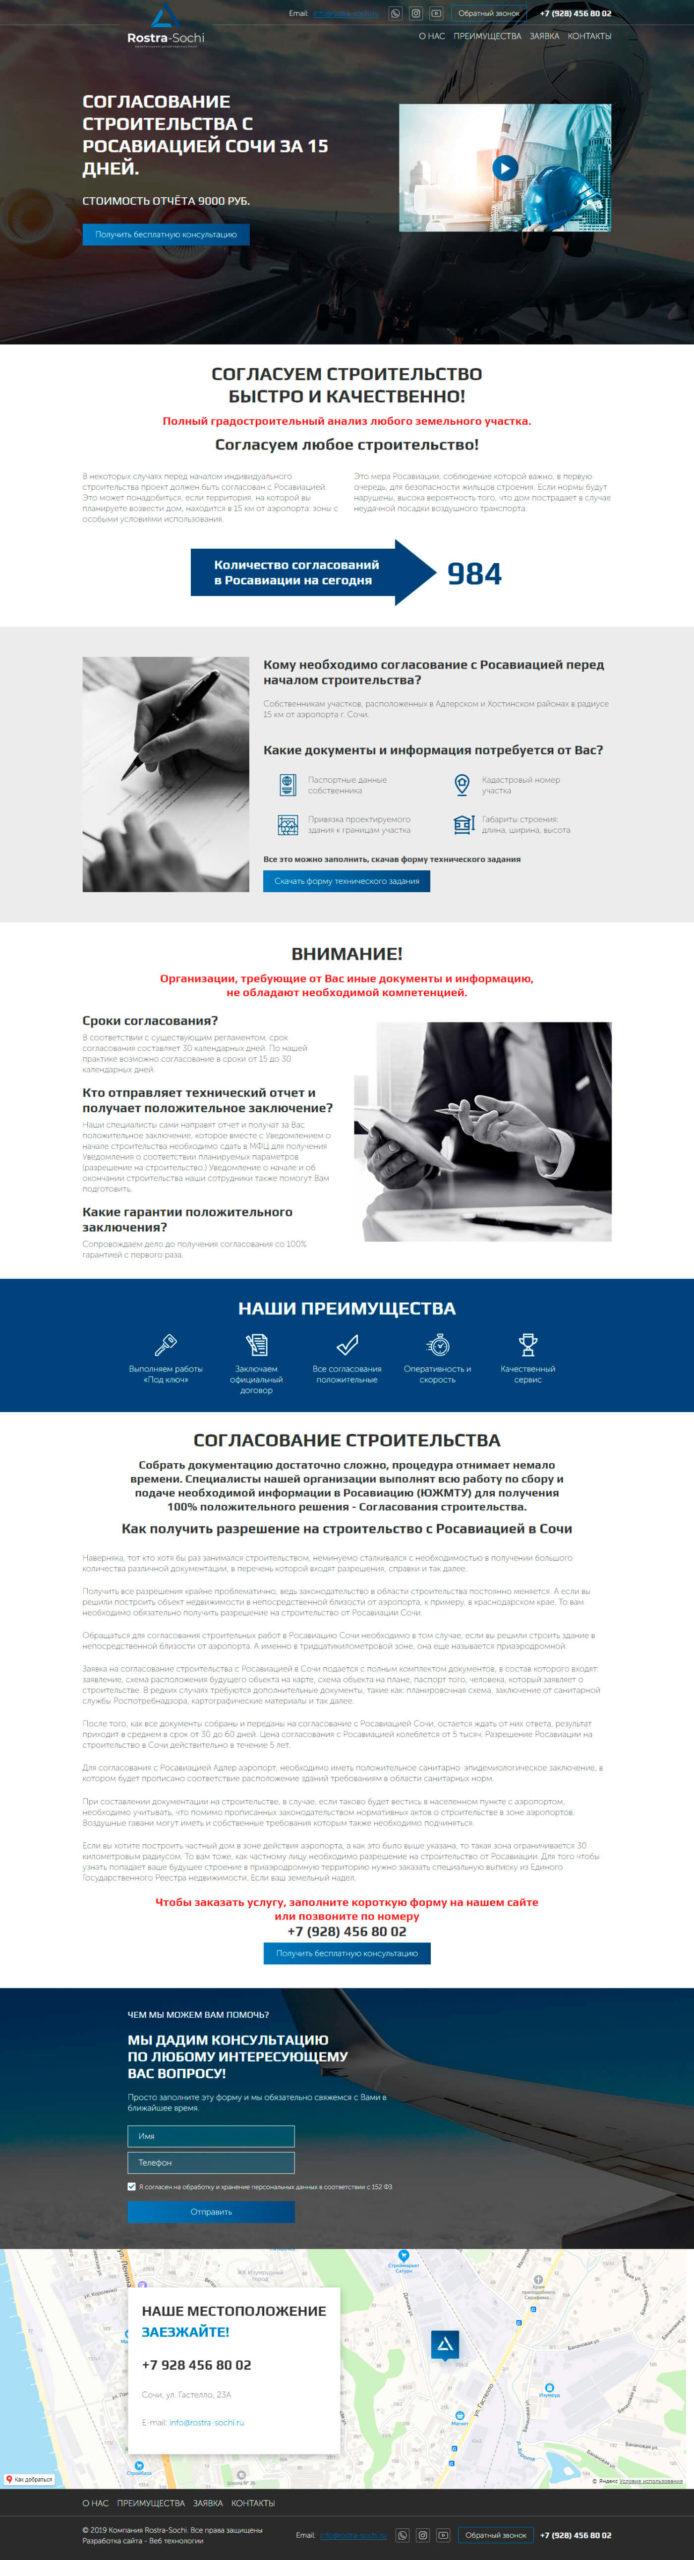 Лэндинг для рекламной кампании Яндекс Директ